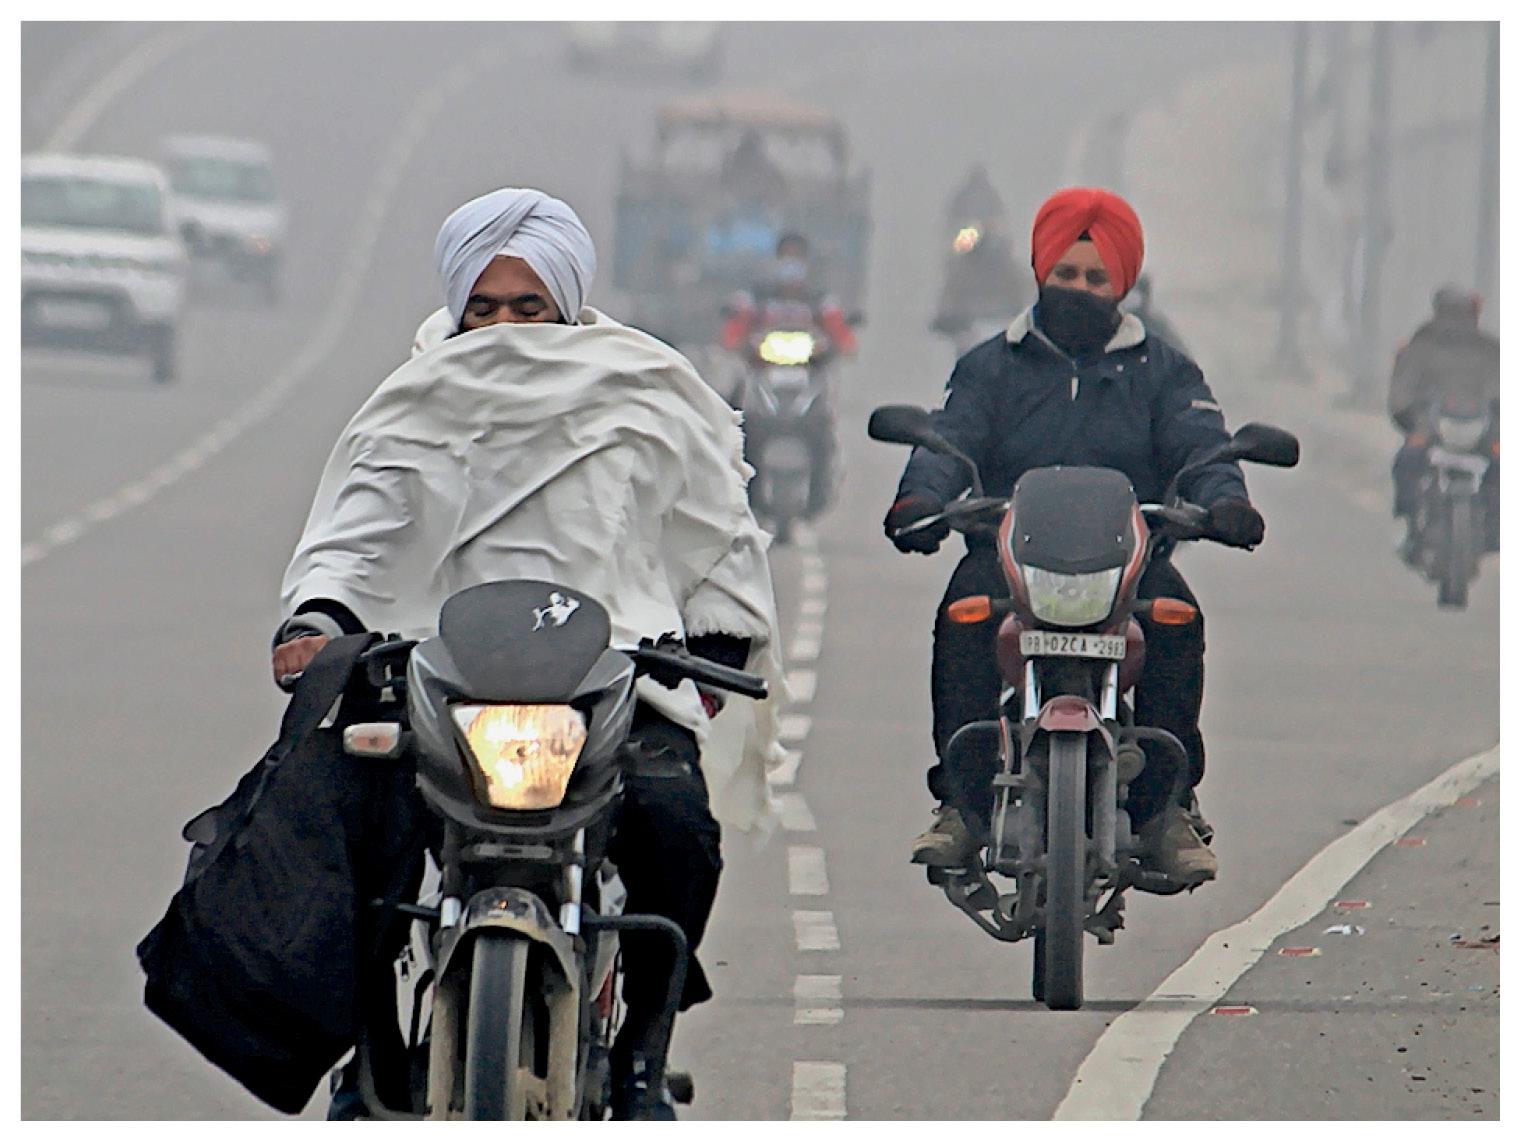 पंजाब के अमृतसर में दोपहर 12 बजे तक कोहरे की चादर छाई रही।